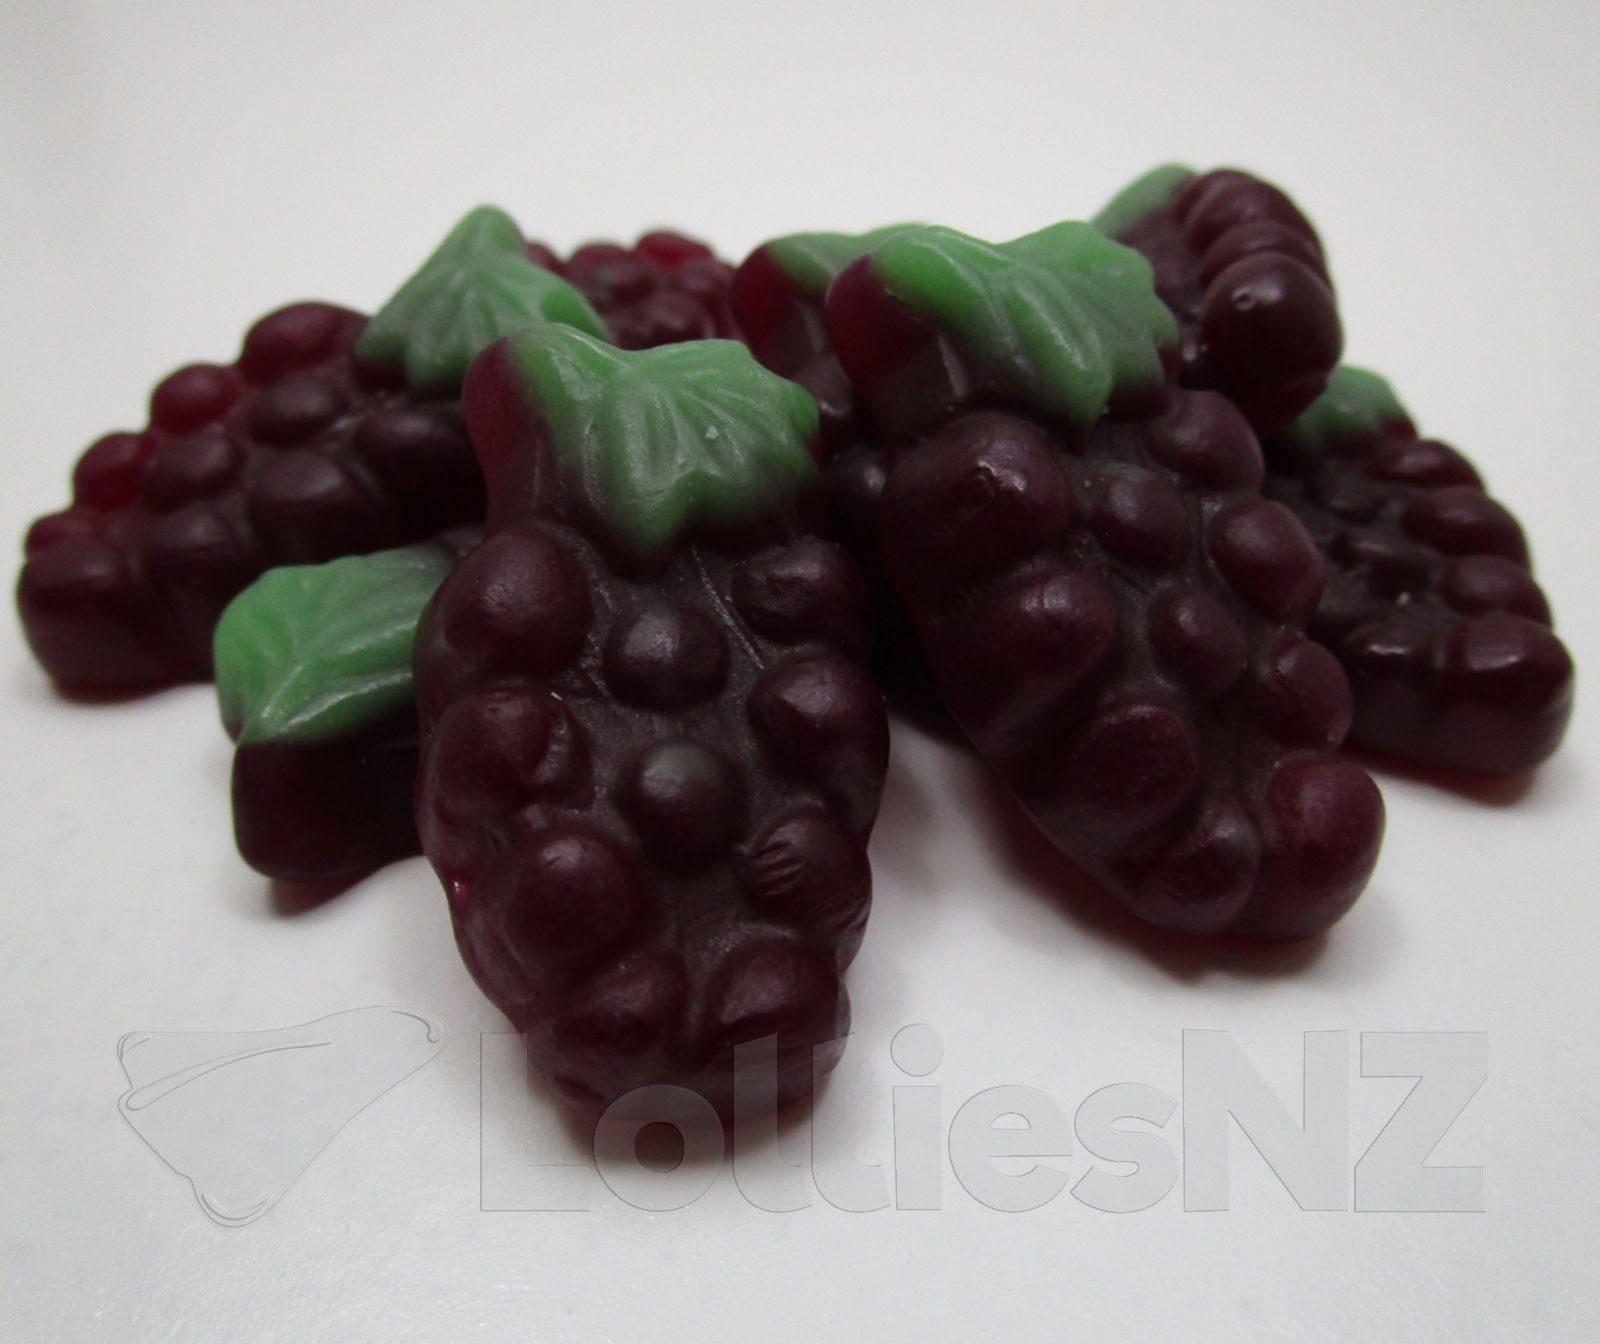 Sour Grapes - 265 count